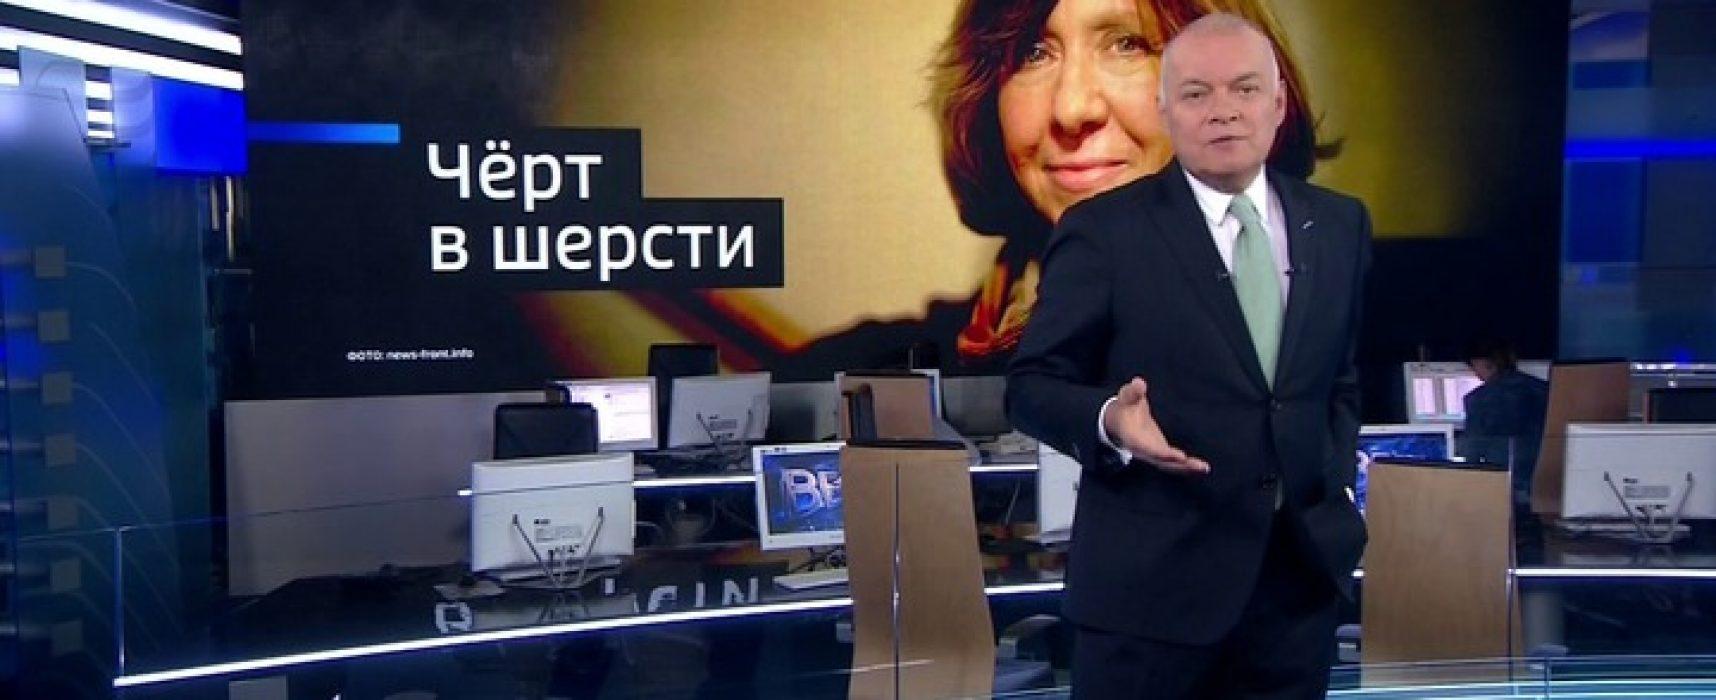 Игорь Яковенко: «Нобелевка докатилась» или «Киселев в шерсти»